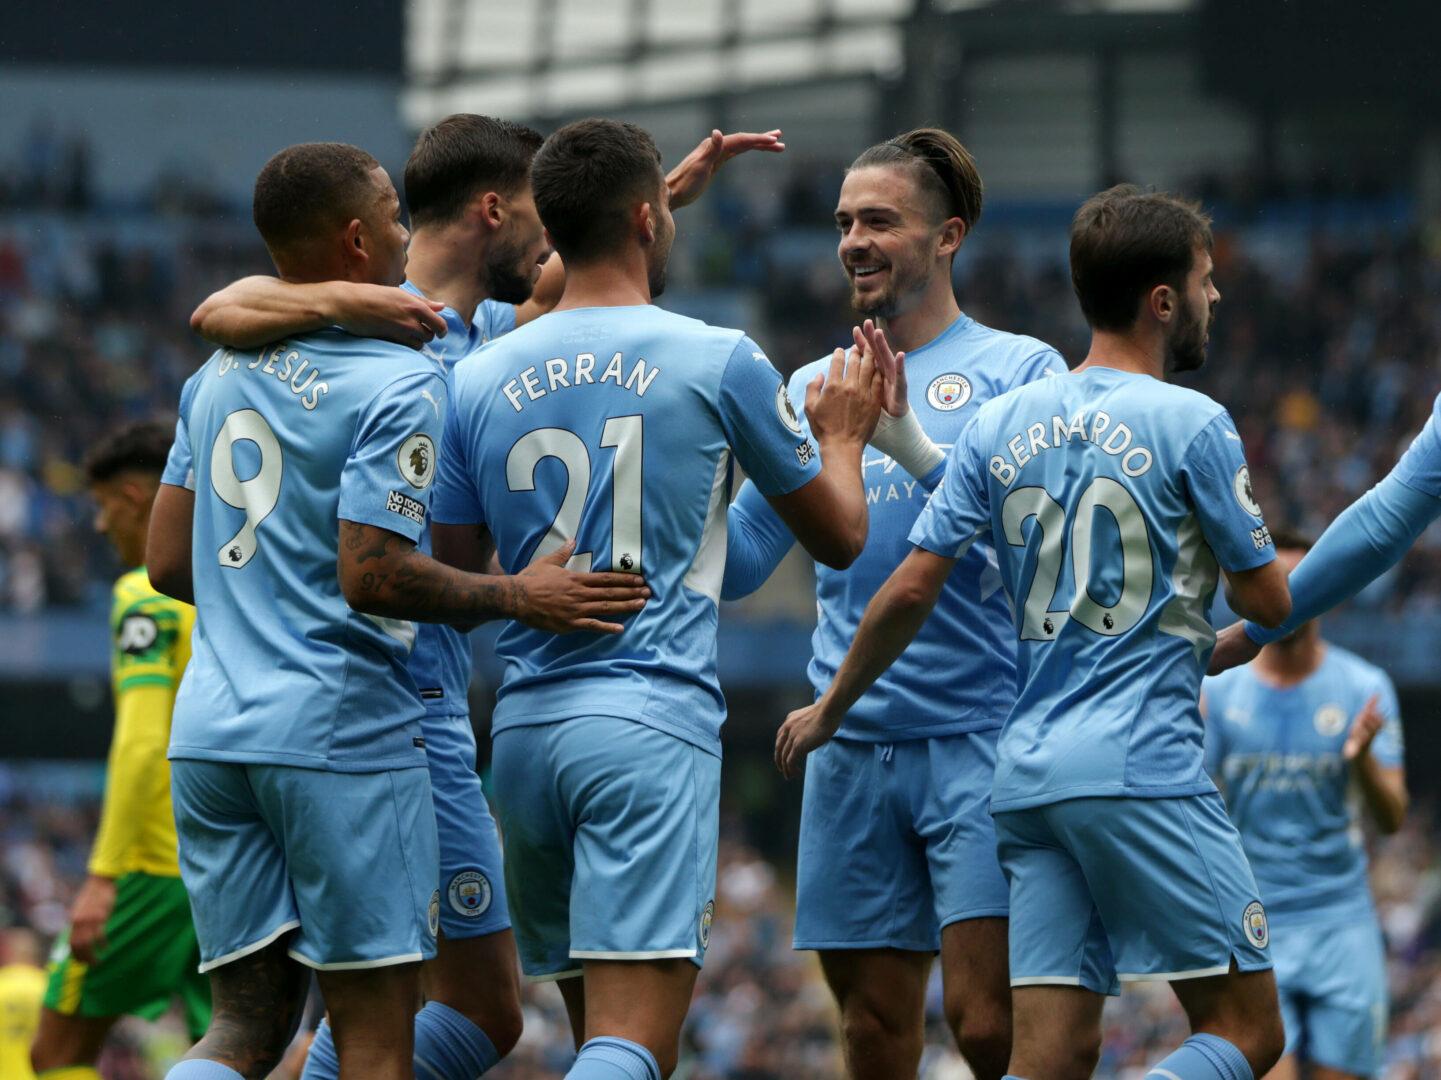 Manchester city jubelt gegen Norwich City